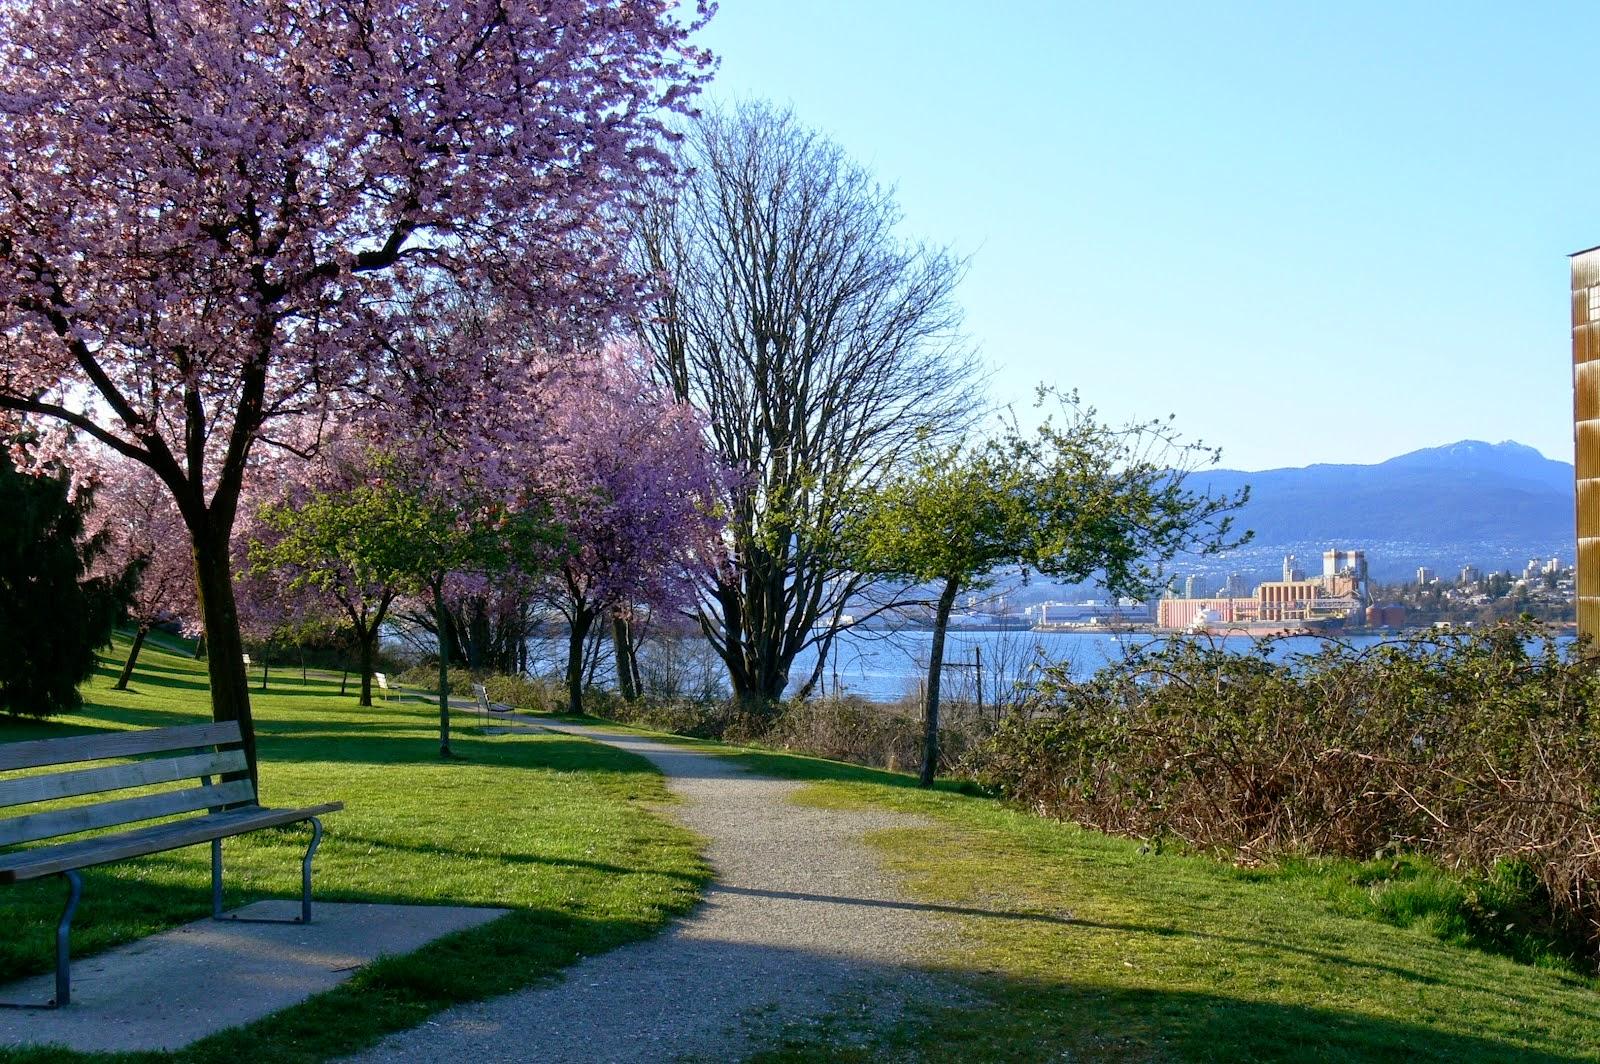 Rutas de senderismo en el Parque Stanley, Vancouver